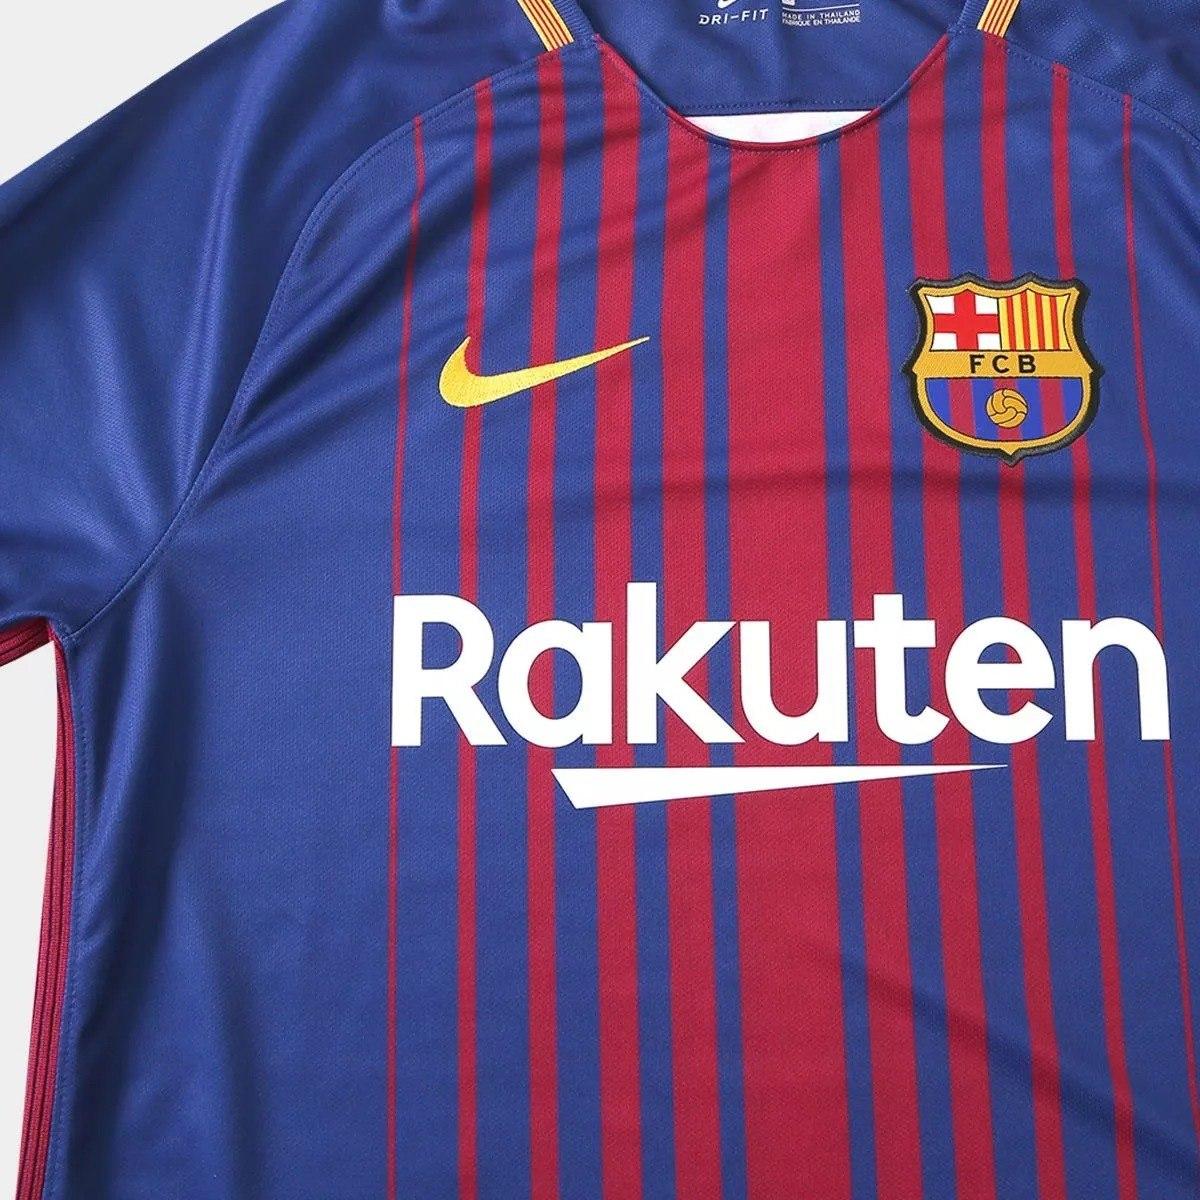 camisa barcelona 2017   2018 original nike listrada - 88. Carregando zoom. 9f7edcfb761